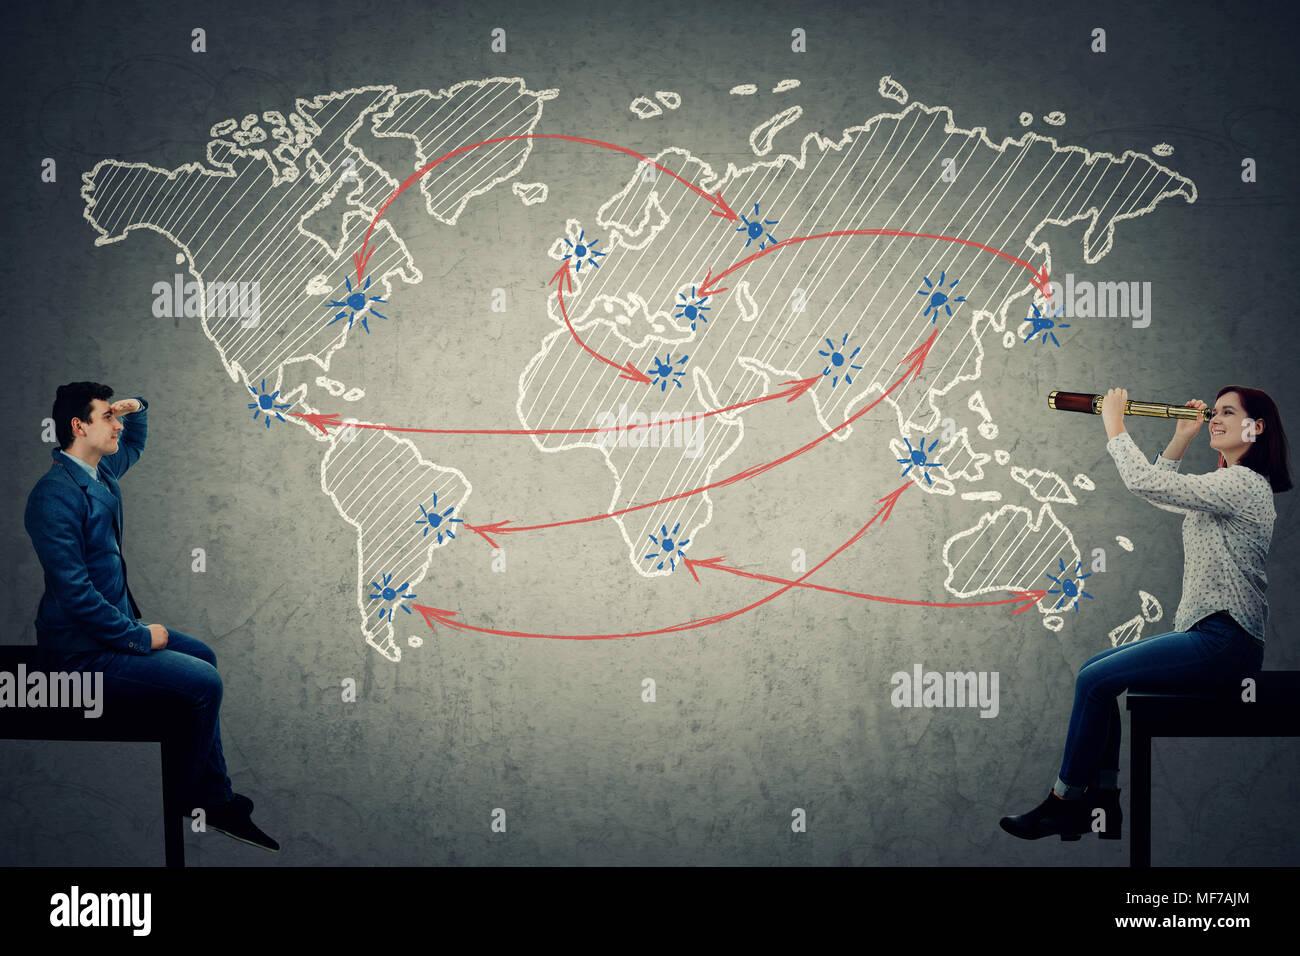 Global business concept come un giovane uomo e di una donna alla ricerca di un percorso sulla mappa mondi. Immagini Stock